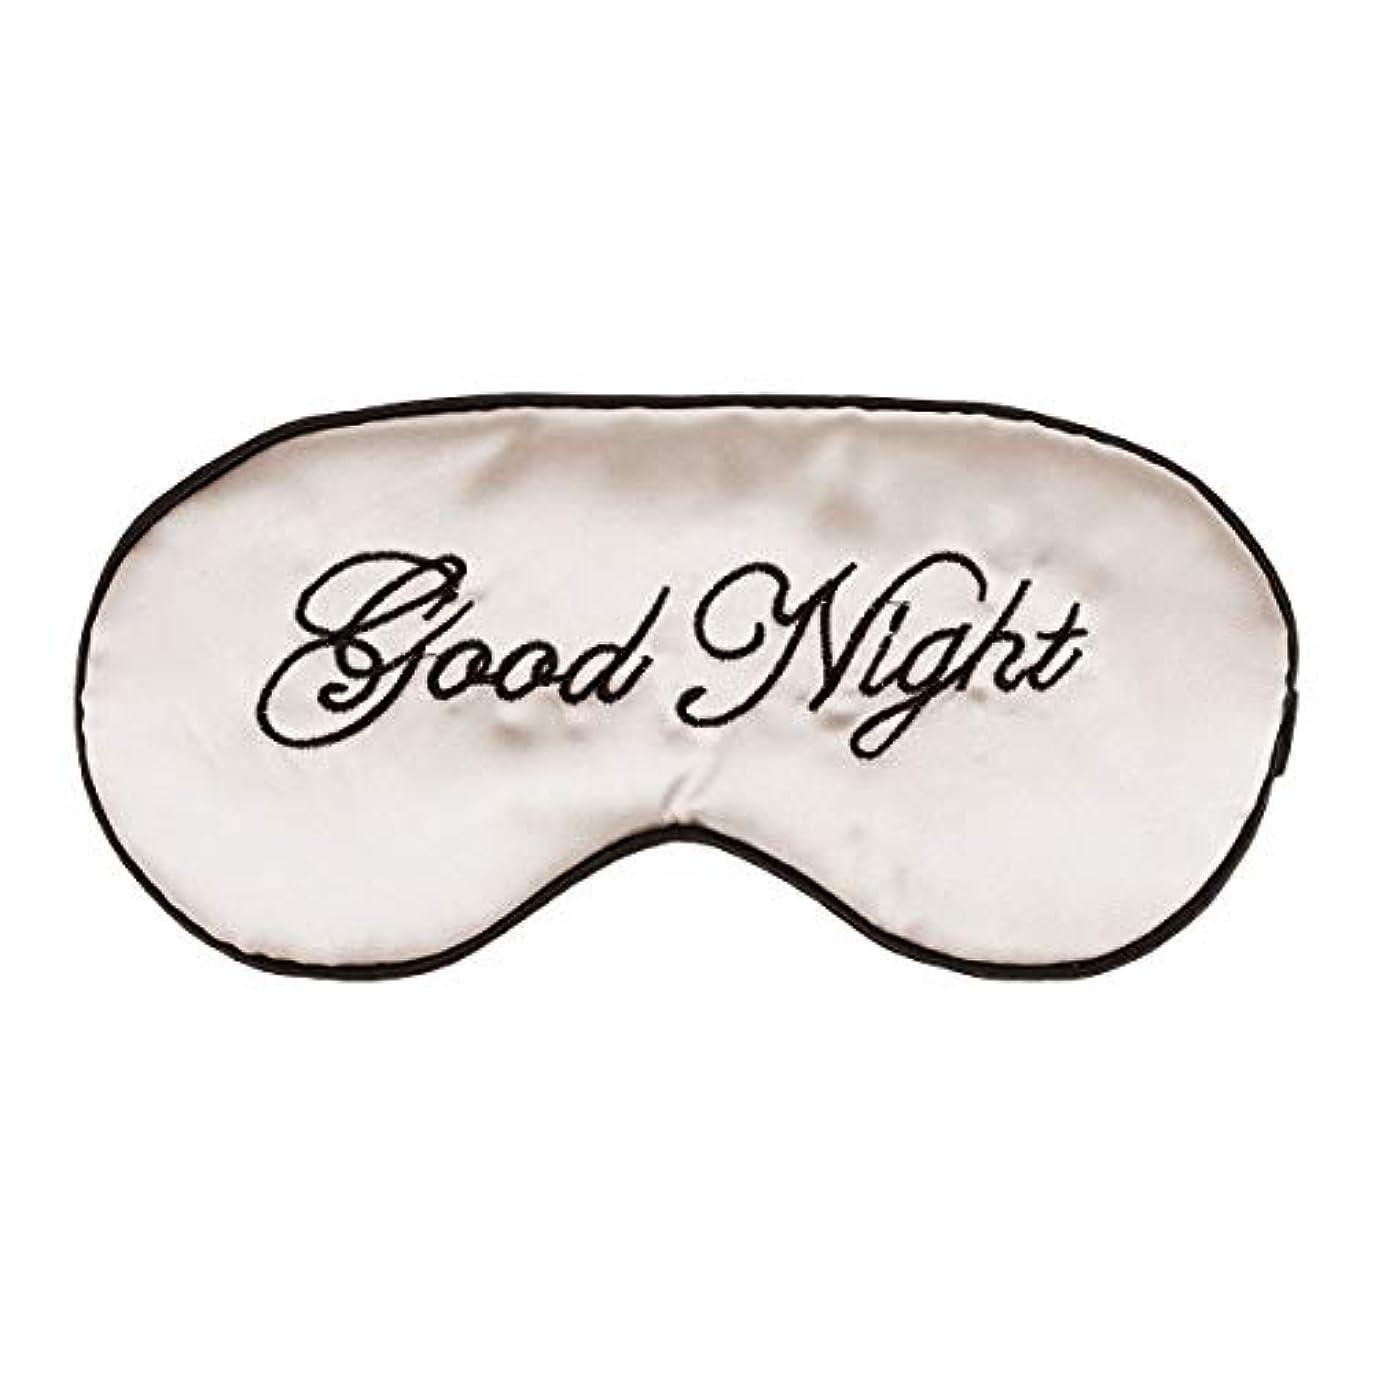 実験マティス起業家SUPVOX シルクスリーピングマスク 刺繍スタイル 睡眠 アイマスク 軽量 アイマスク 遮光 圧迫感なし 疲れ目 睡眠 旅行 仮 眠 疲労回復に最適 無地(ベージュ)